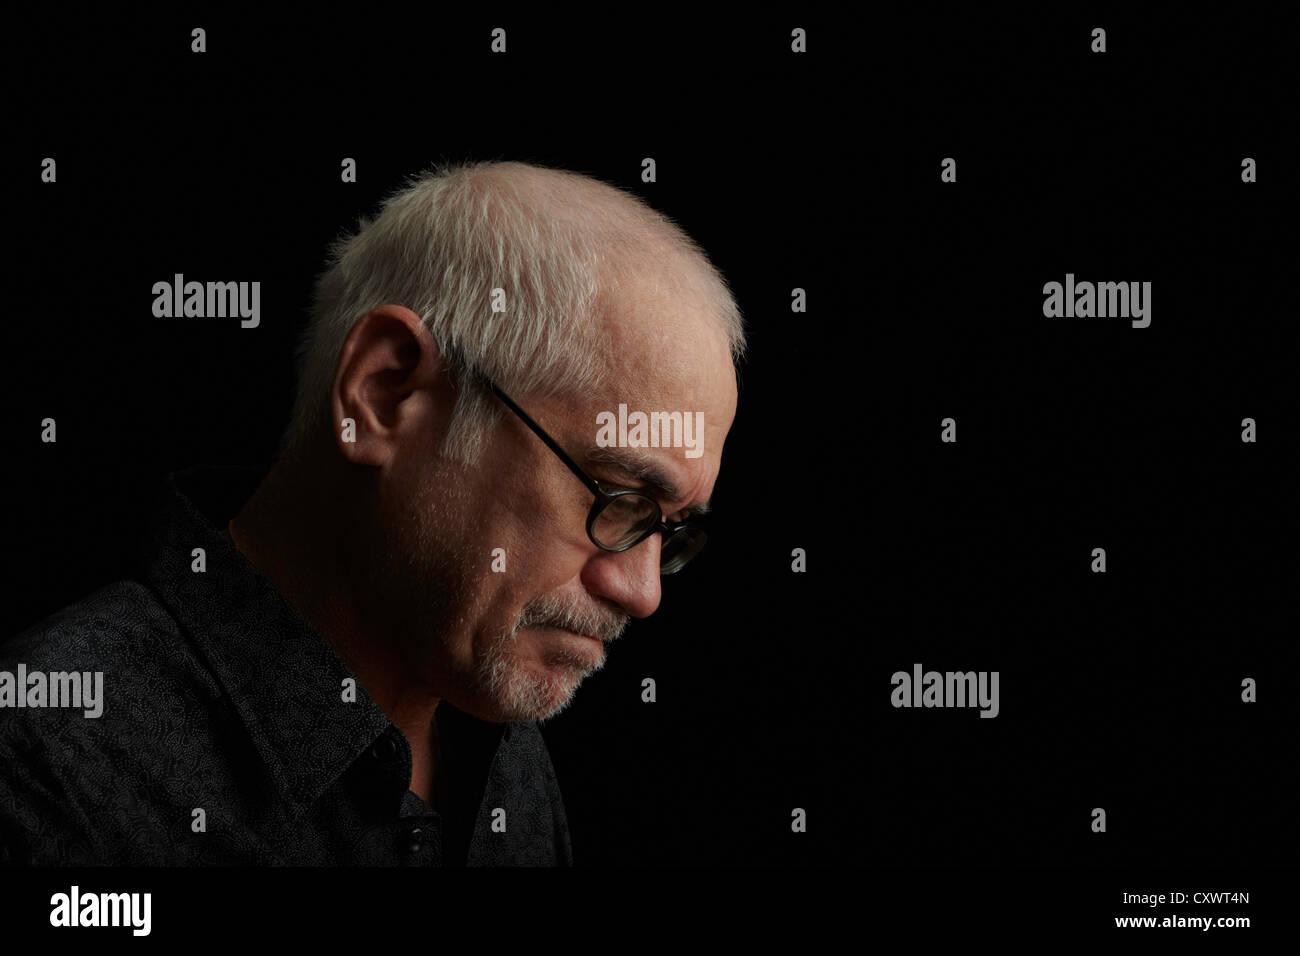 Frowning older man wearing eyeglasses - Stock Image